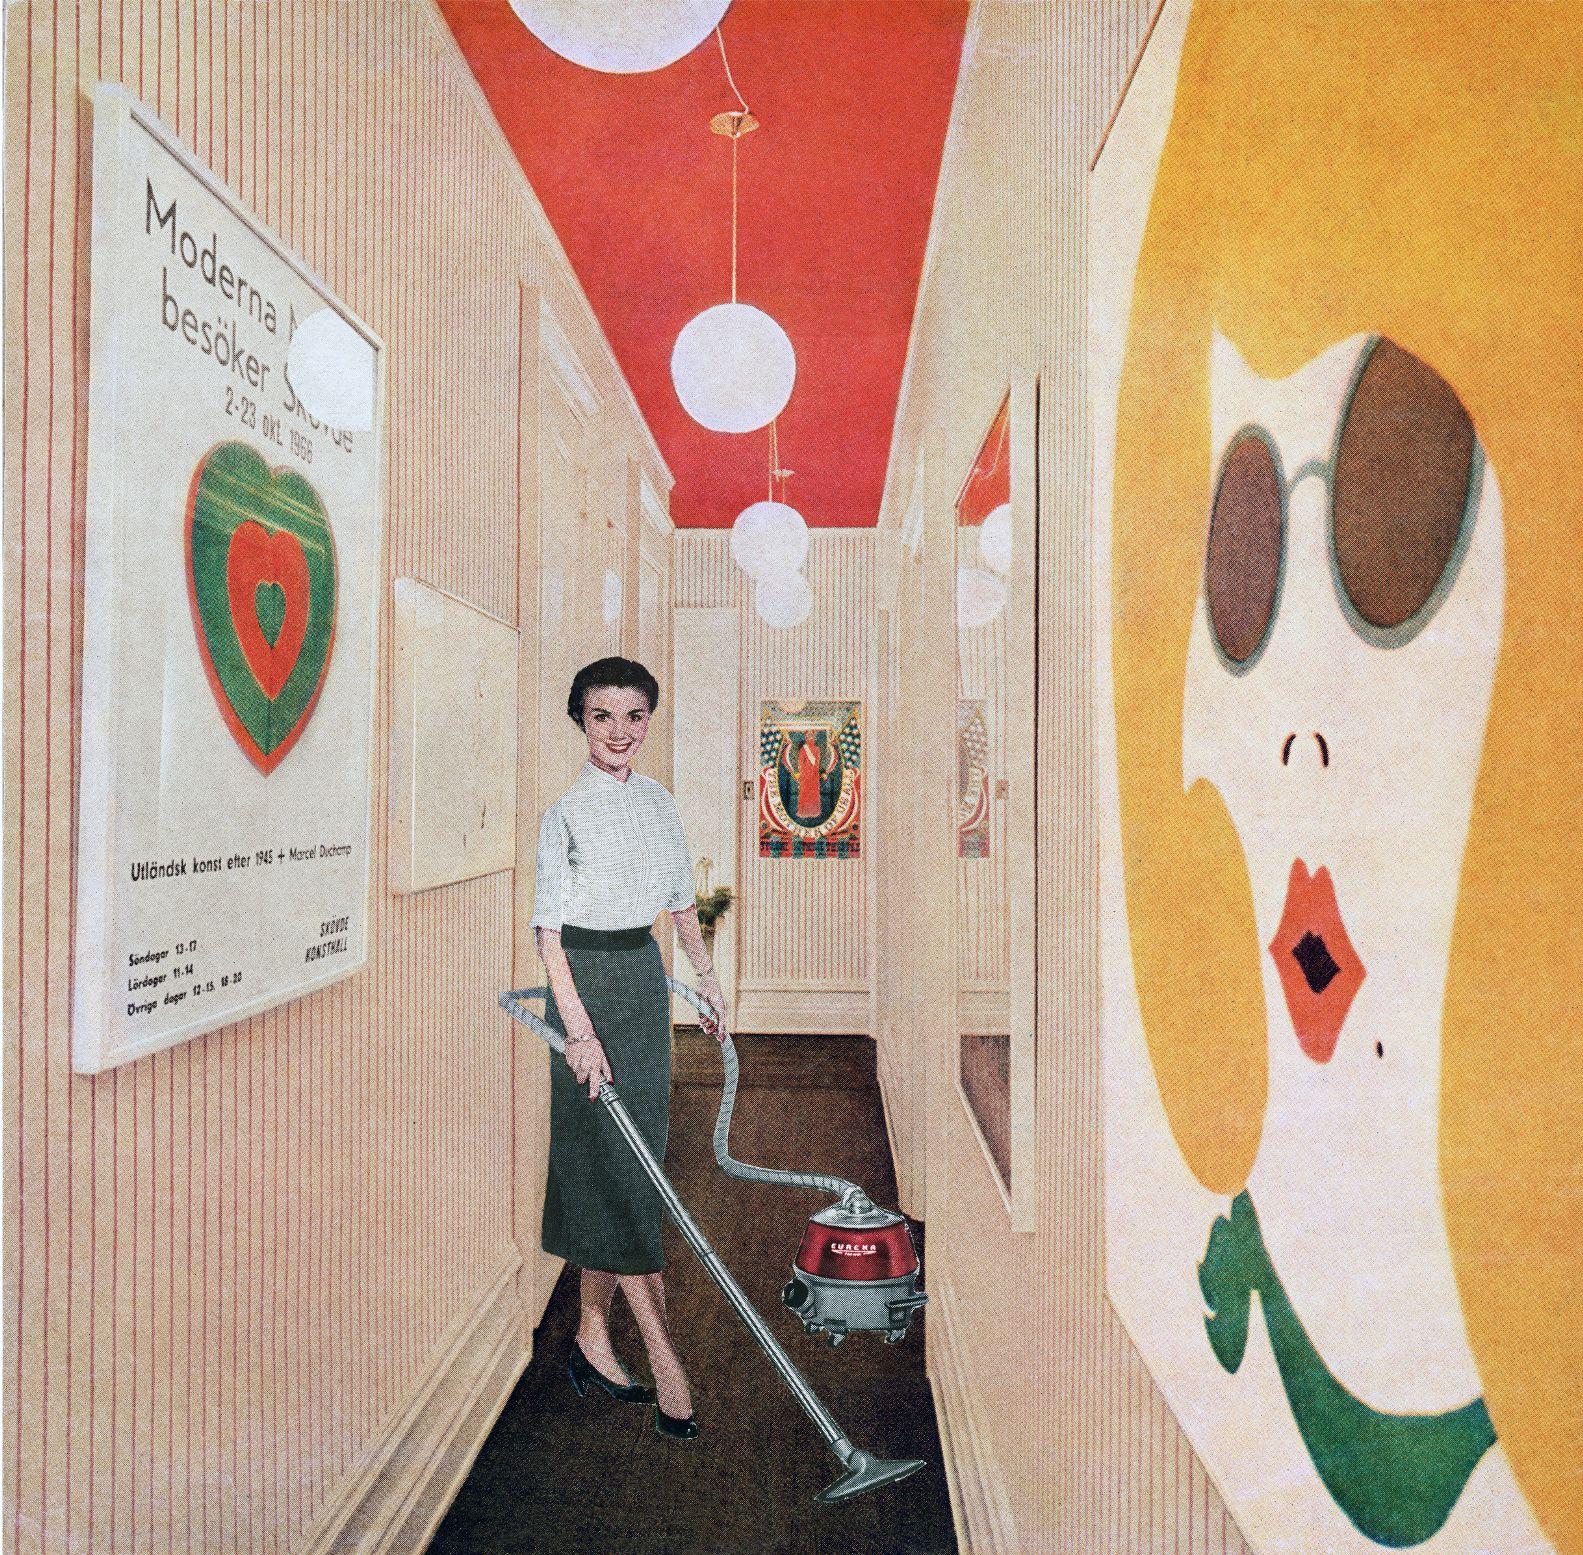 Martha Rosler?s ?Vacuuming Pop Art?